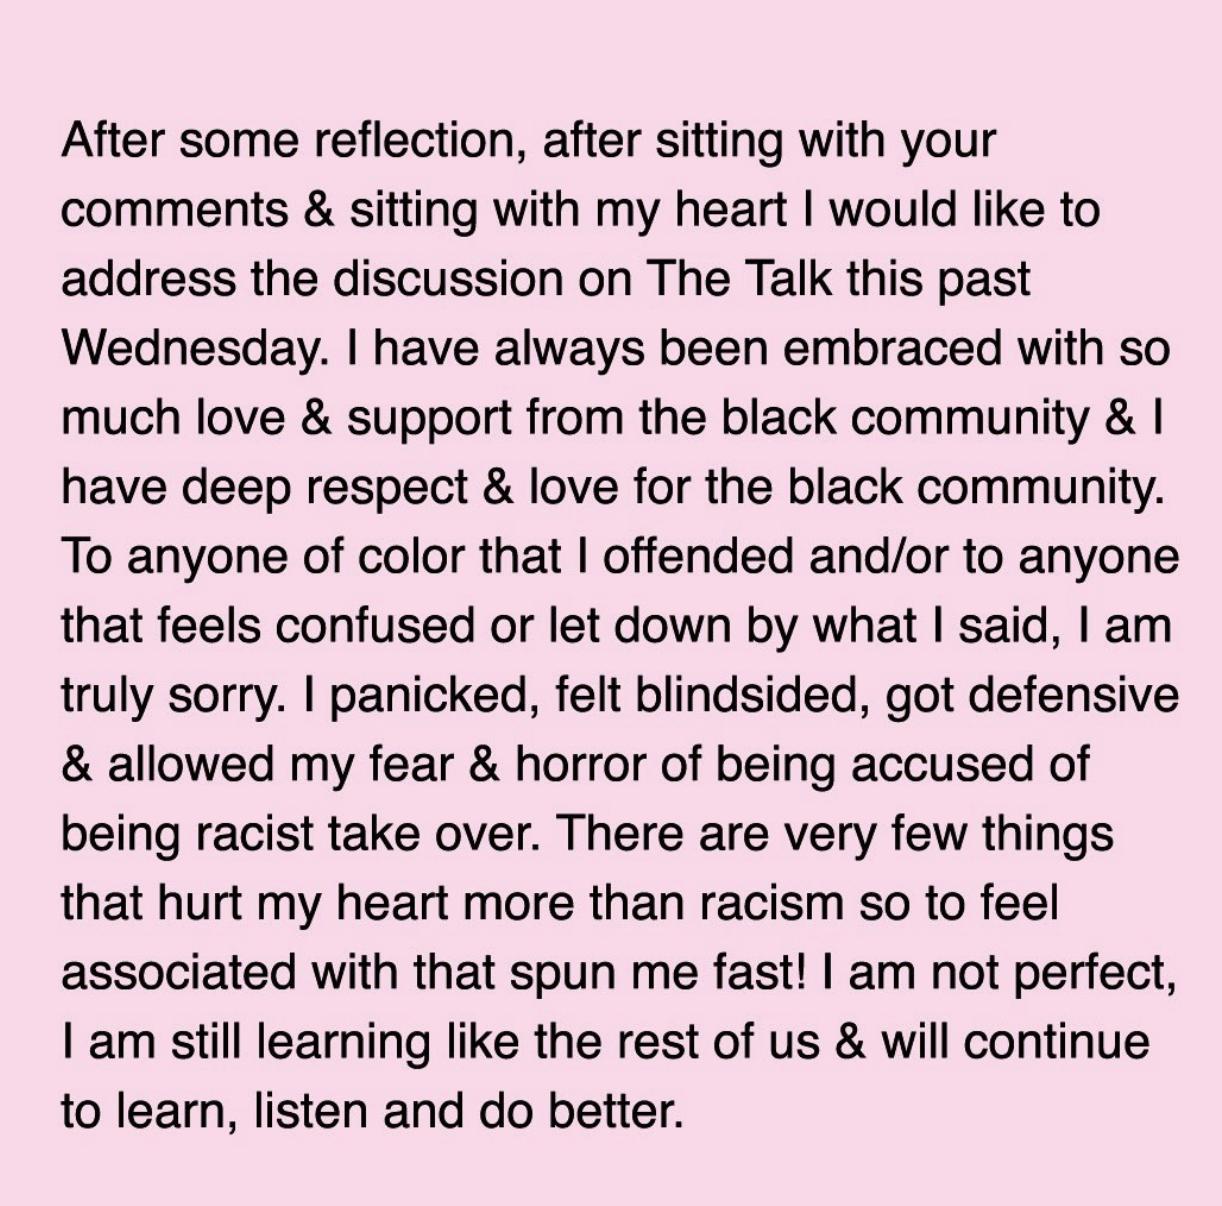 Sharon apology